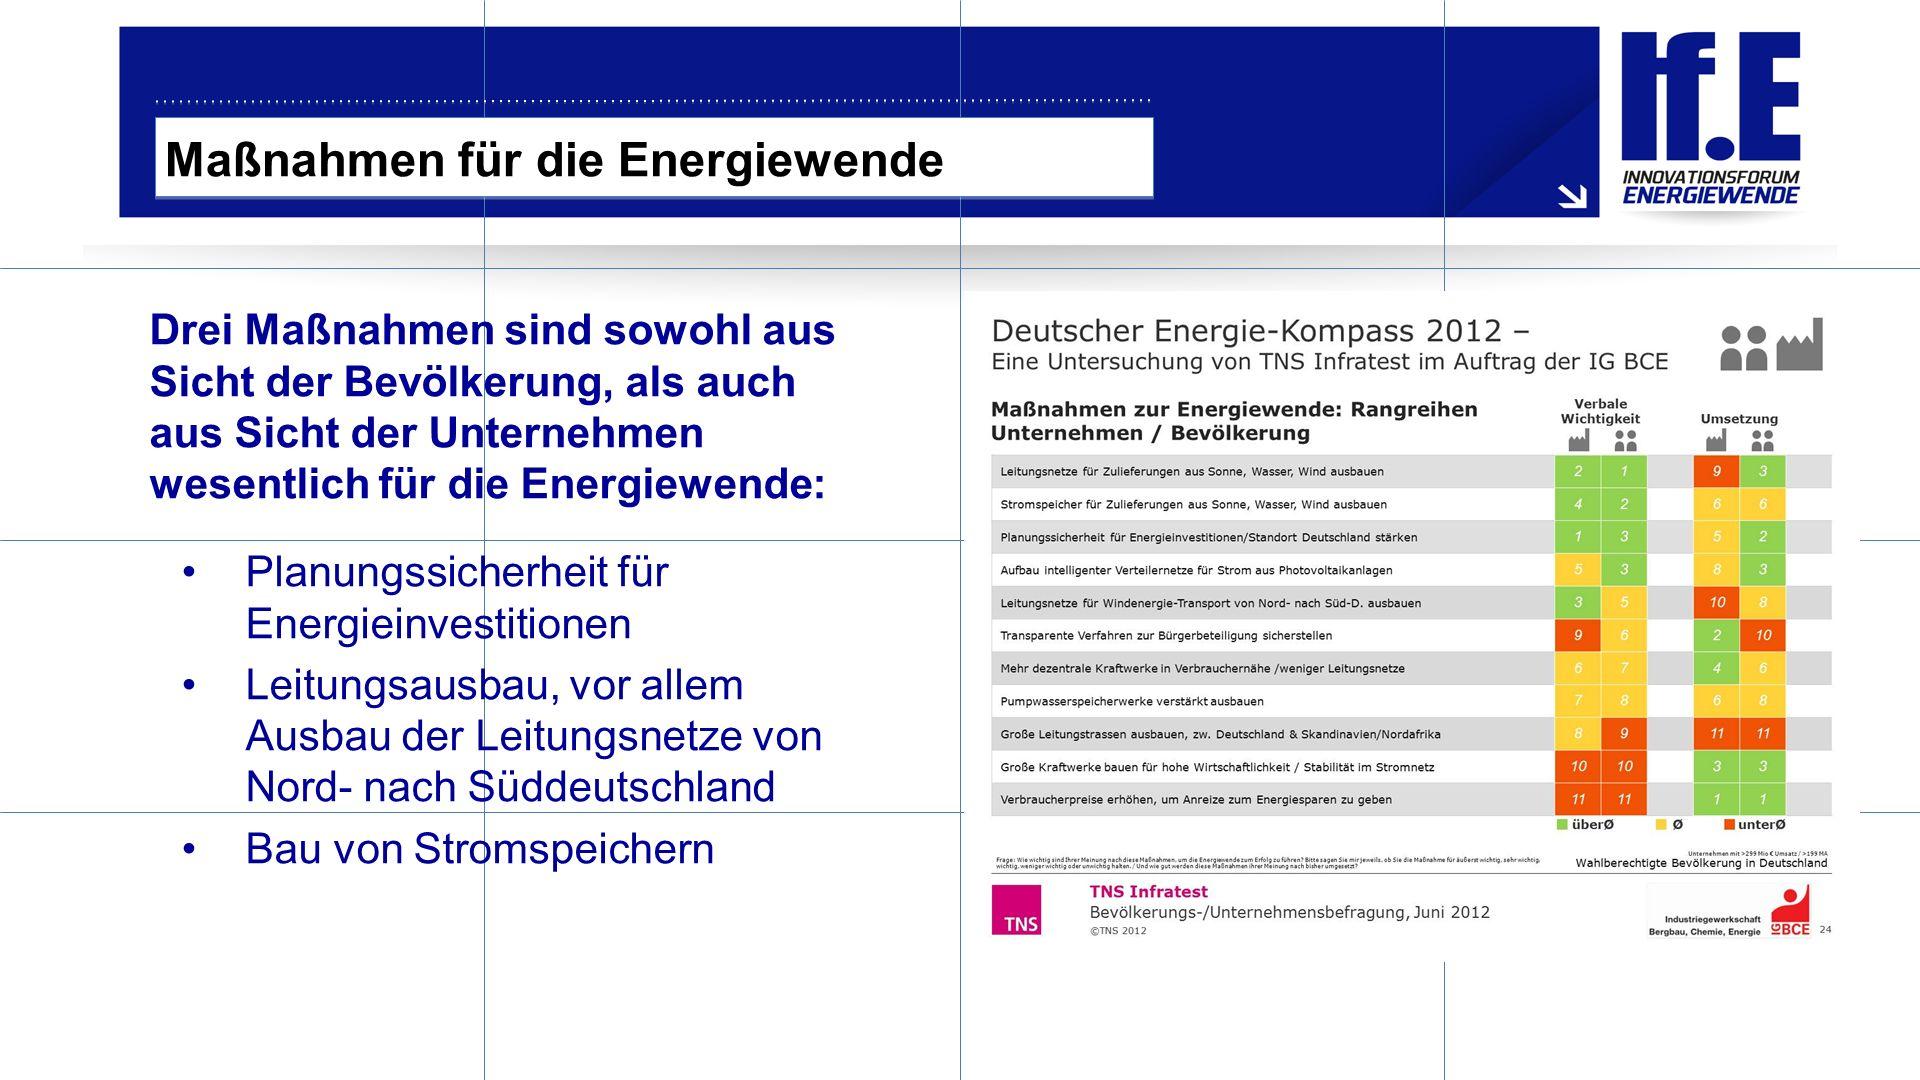 Maßnahmen für die Energiewende